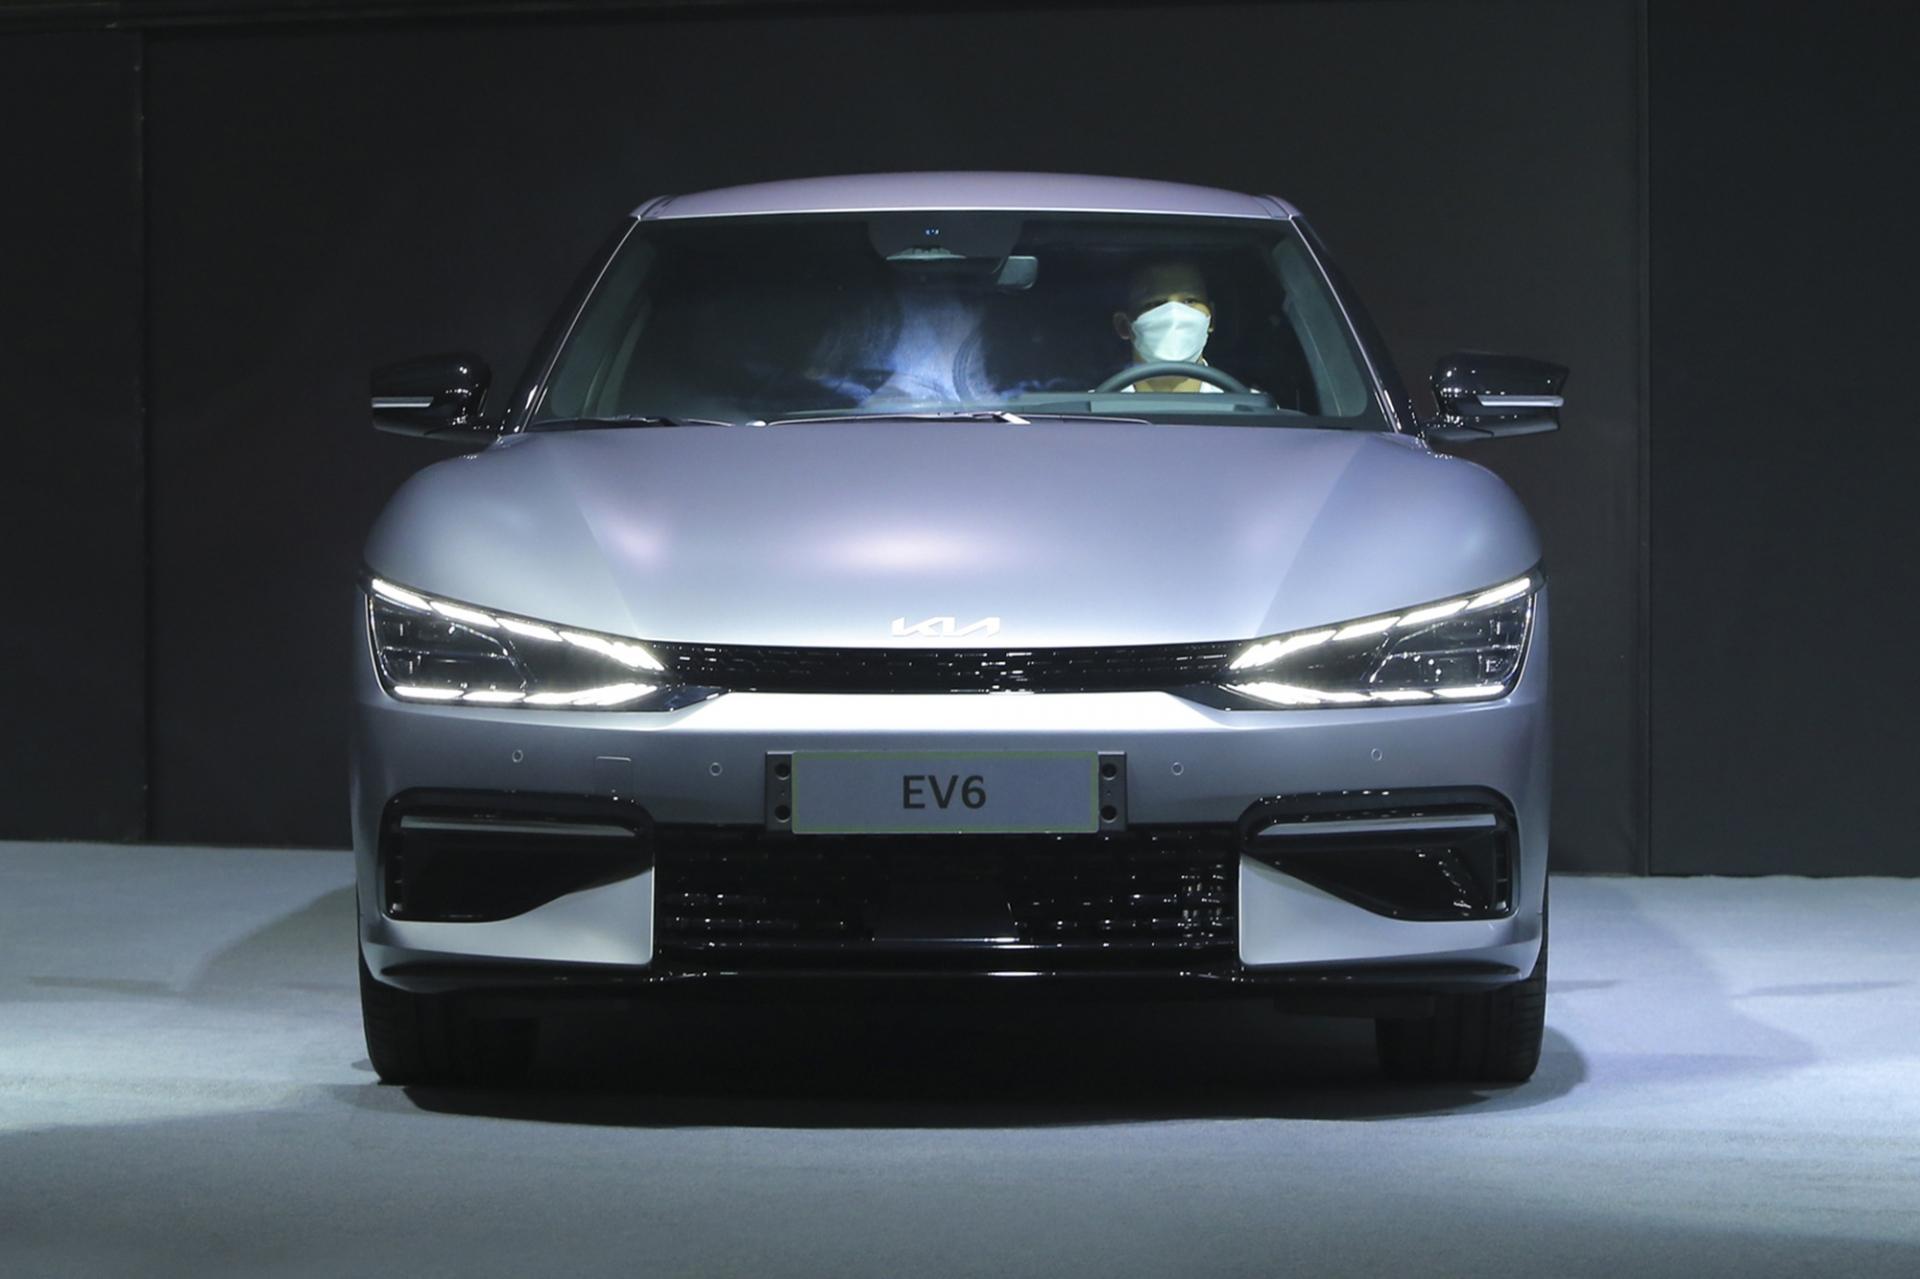 Xem trước Kia EV6 sắp được bán chính hãng tại Việt Nam, lá cờ đầu cho xu hướng hoàn toàn mới 1